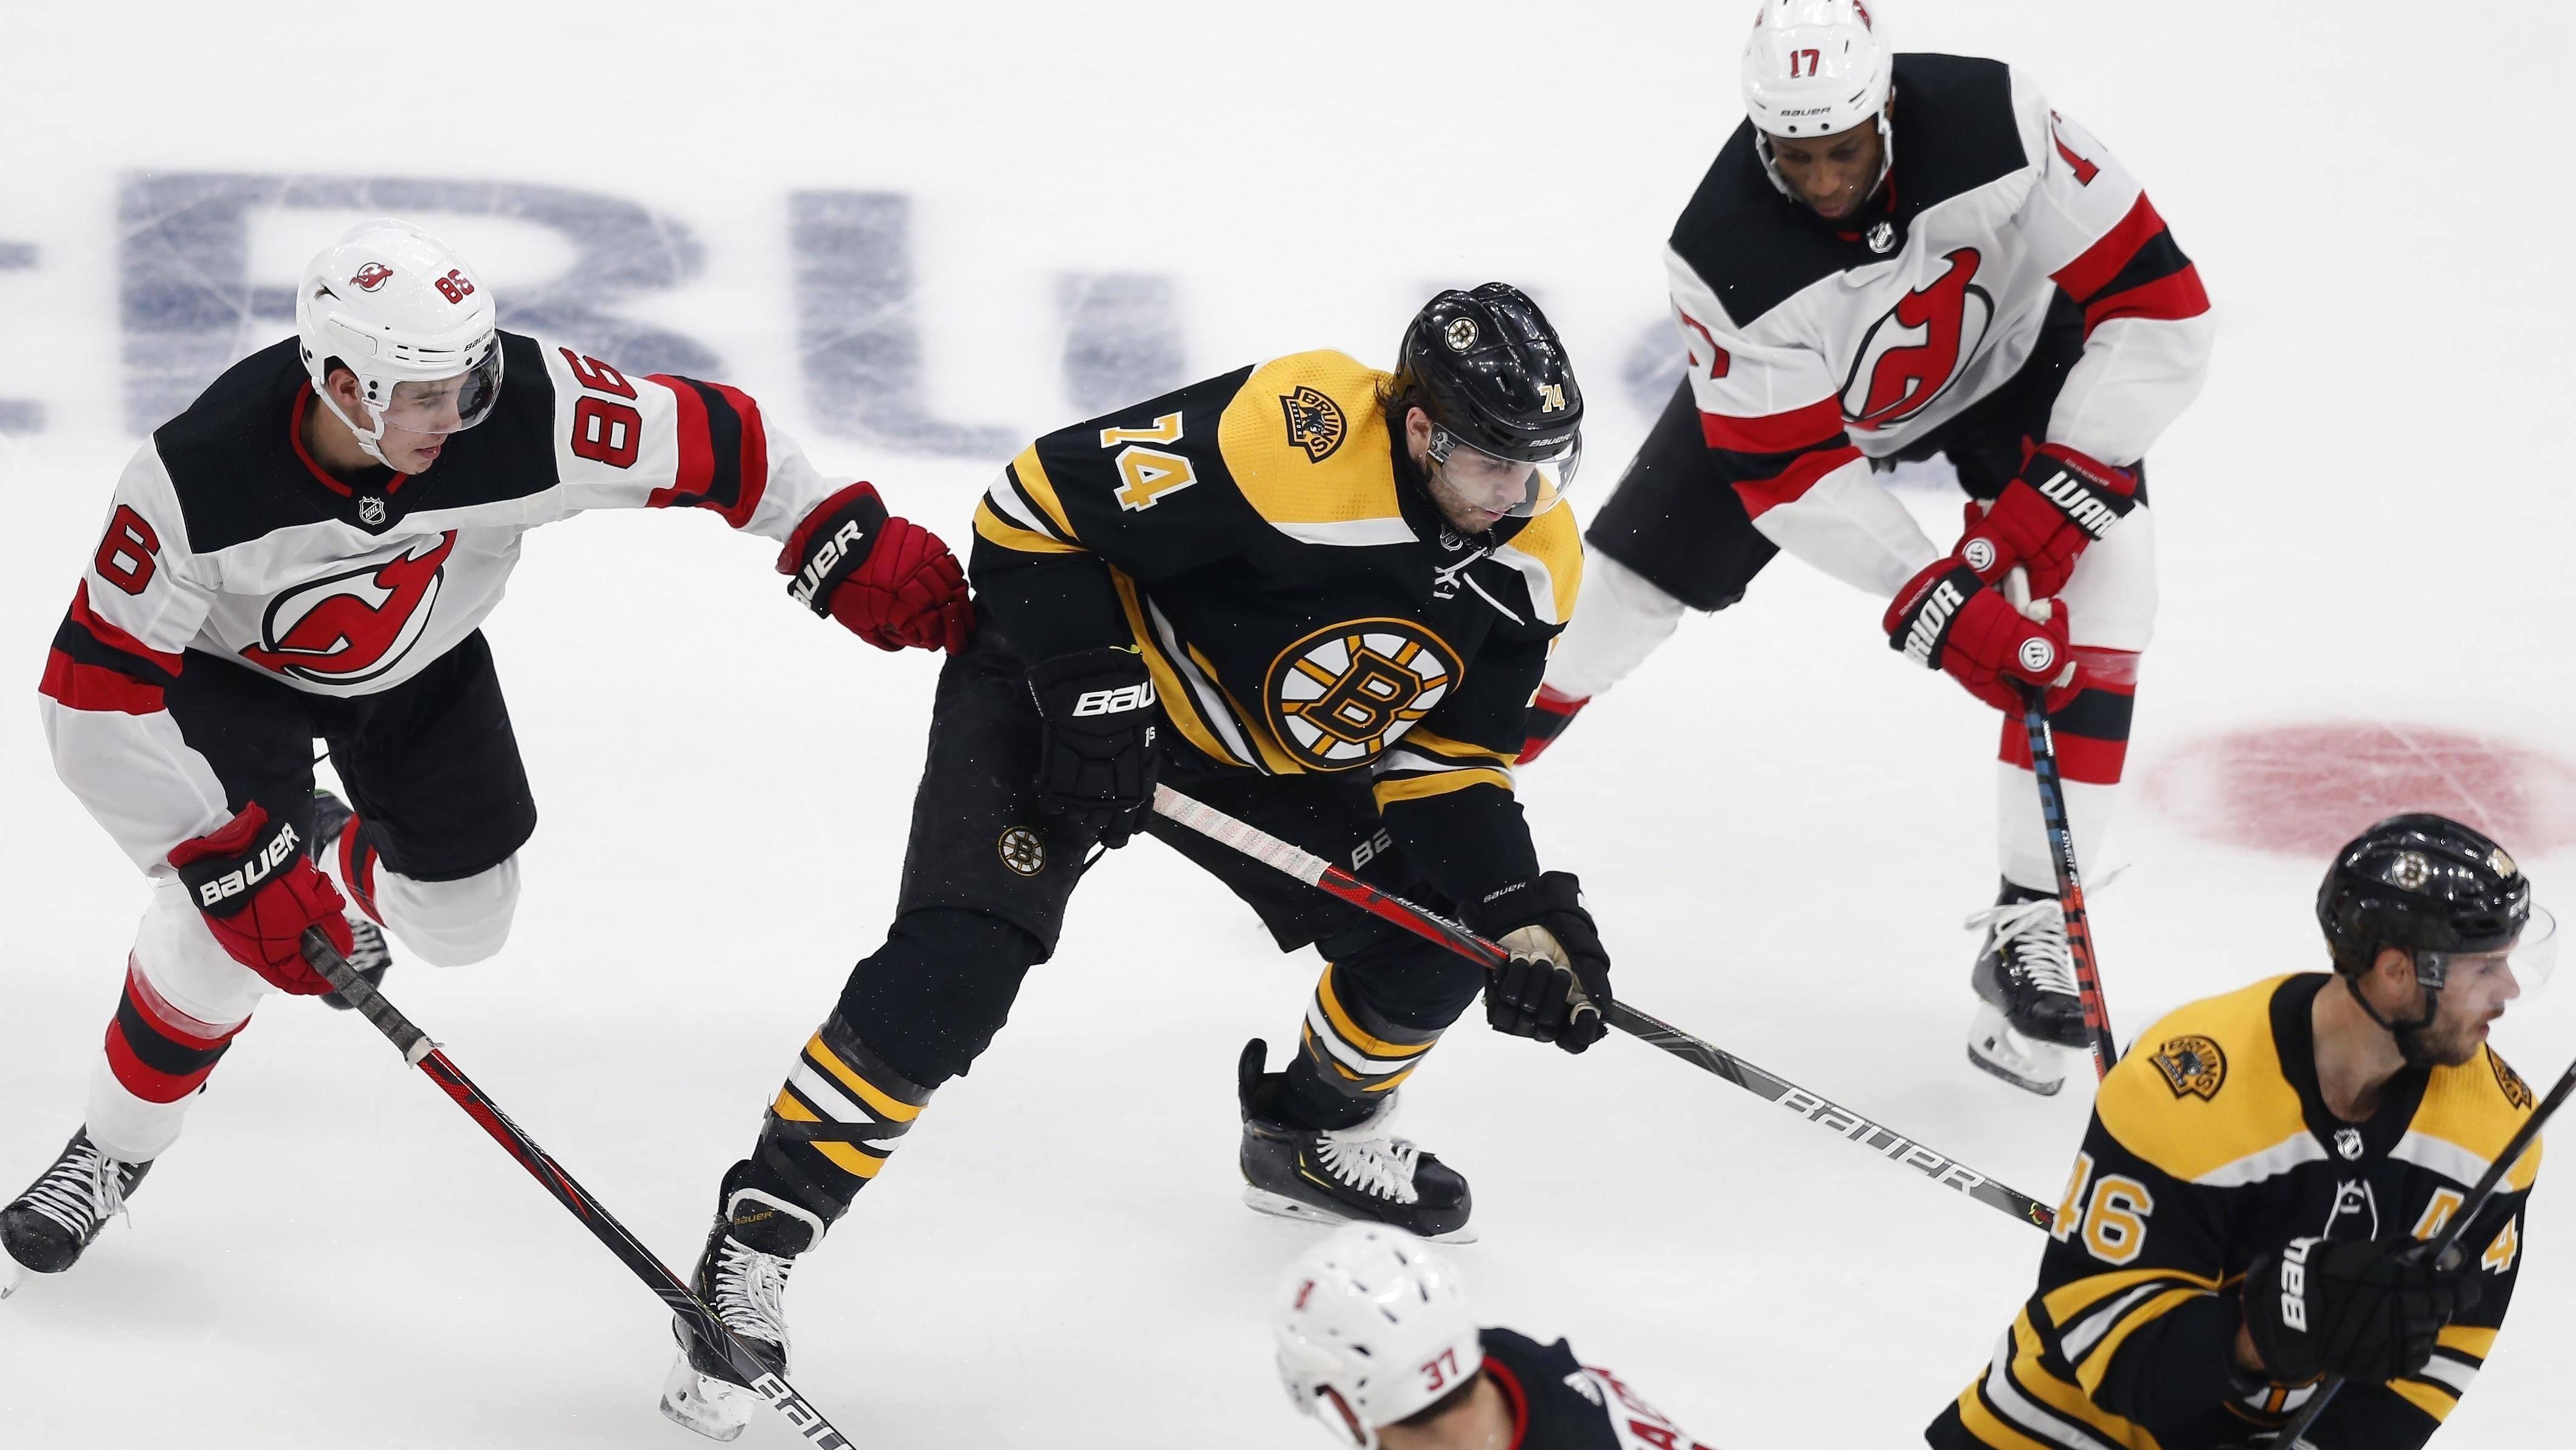 【进球】打破僵局!格雷斯里克远距离发炮助棕熊领先_NHL比赛集锦